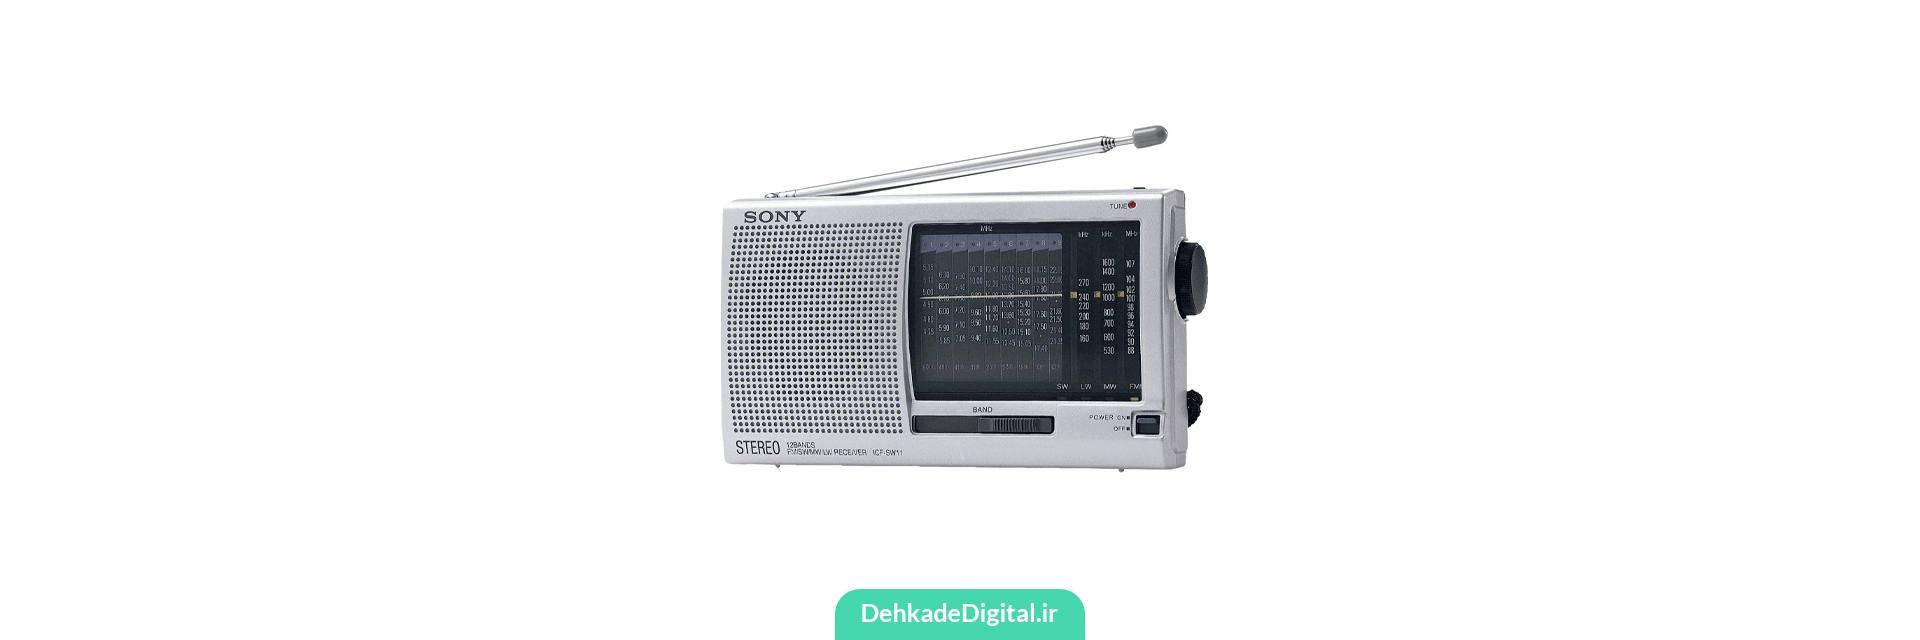 رادیو سونی ICF-SW11